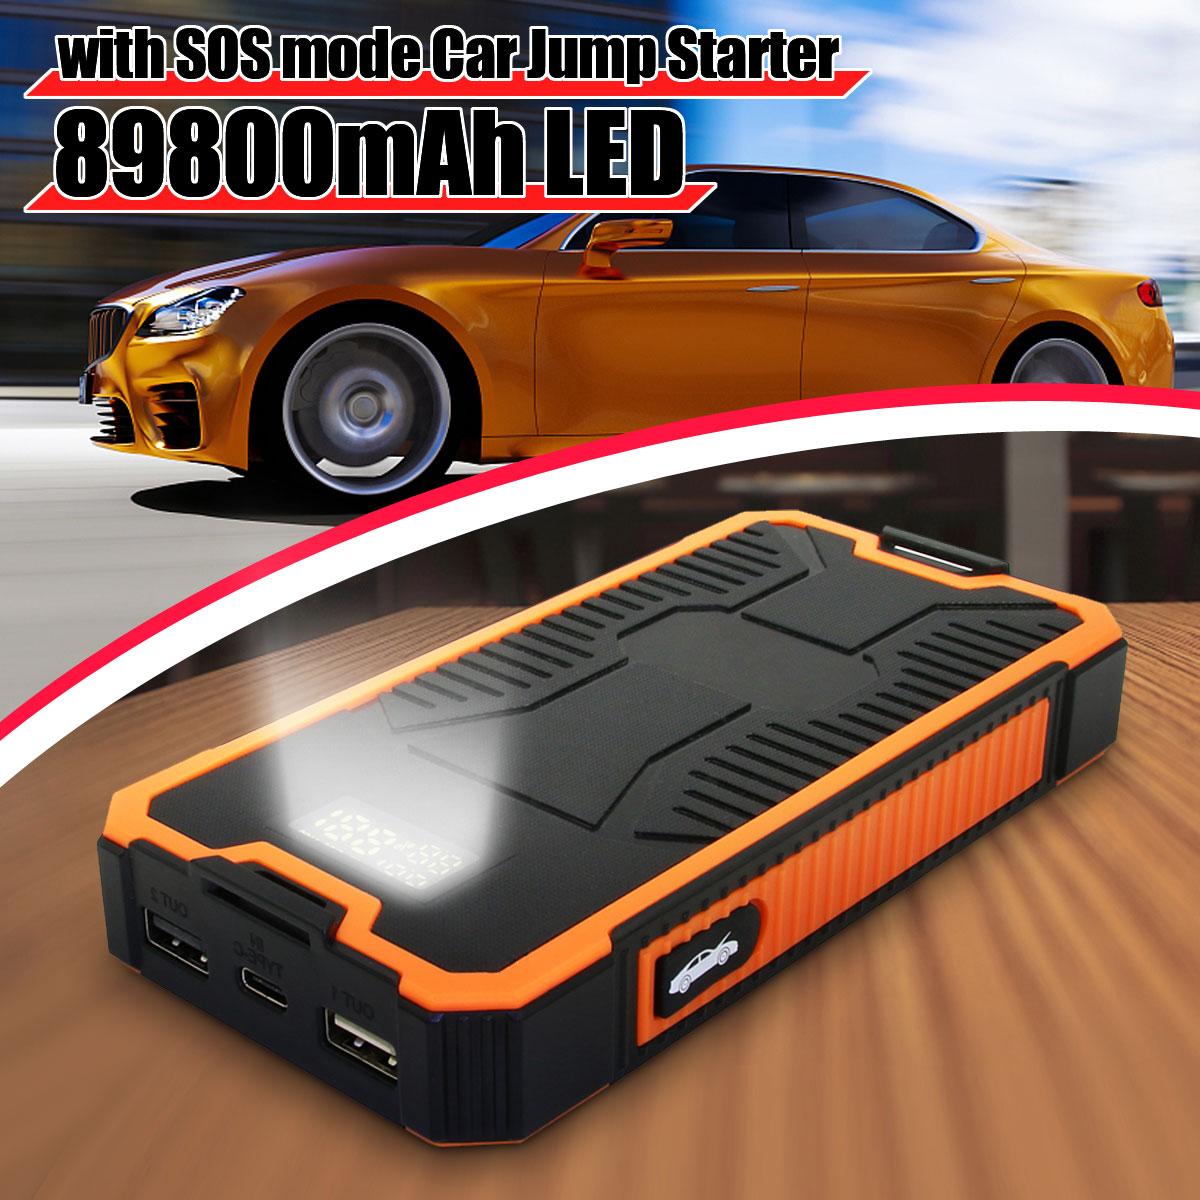 Chargeur de voiture Portable 89800mAh batterie Booster USB batterie externe 9V 2A chargeur rapide double sortie USB avec affichage